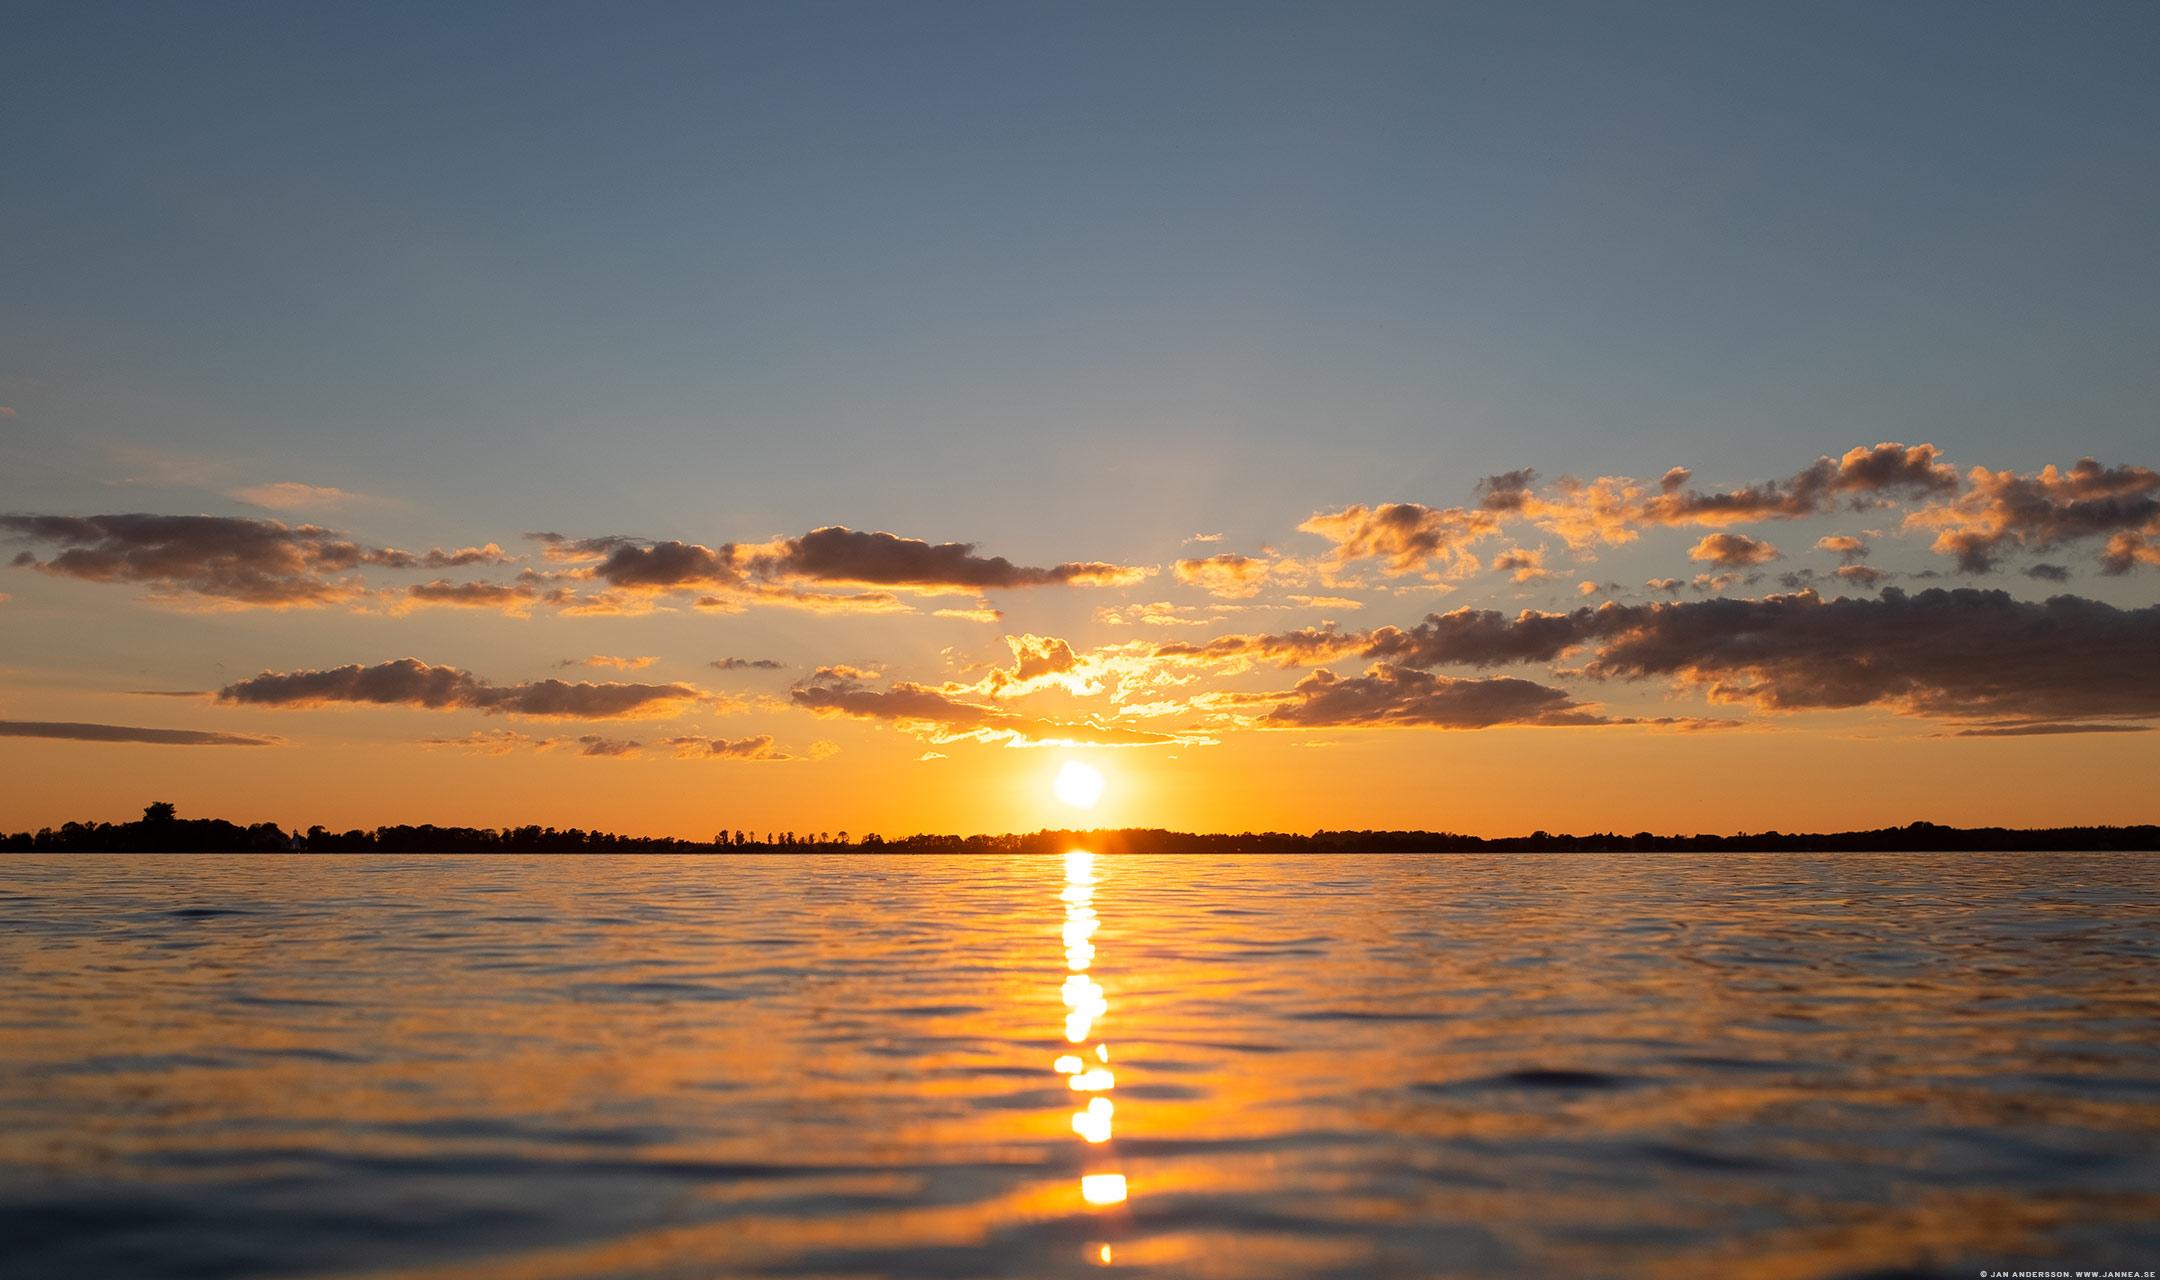 Ännu en sån där magisk solnedgång i världens vackraste Vadstena